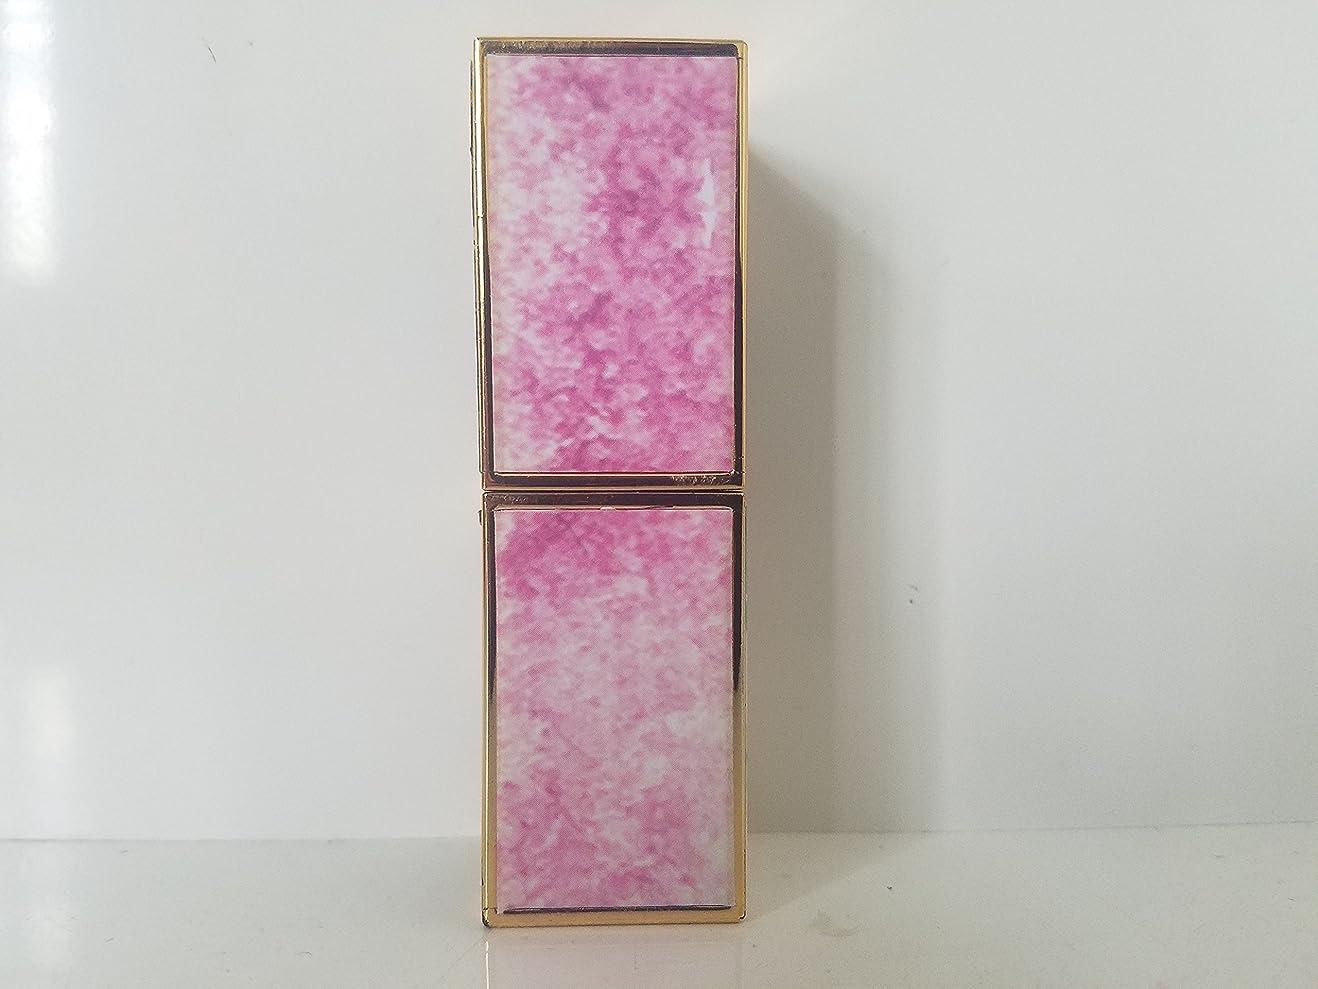 耕す限られたサーキュレーション桜 ビューティー メイクアップ リップクリーム 口红